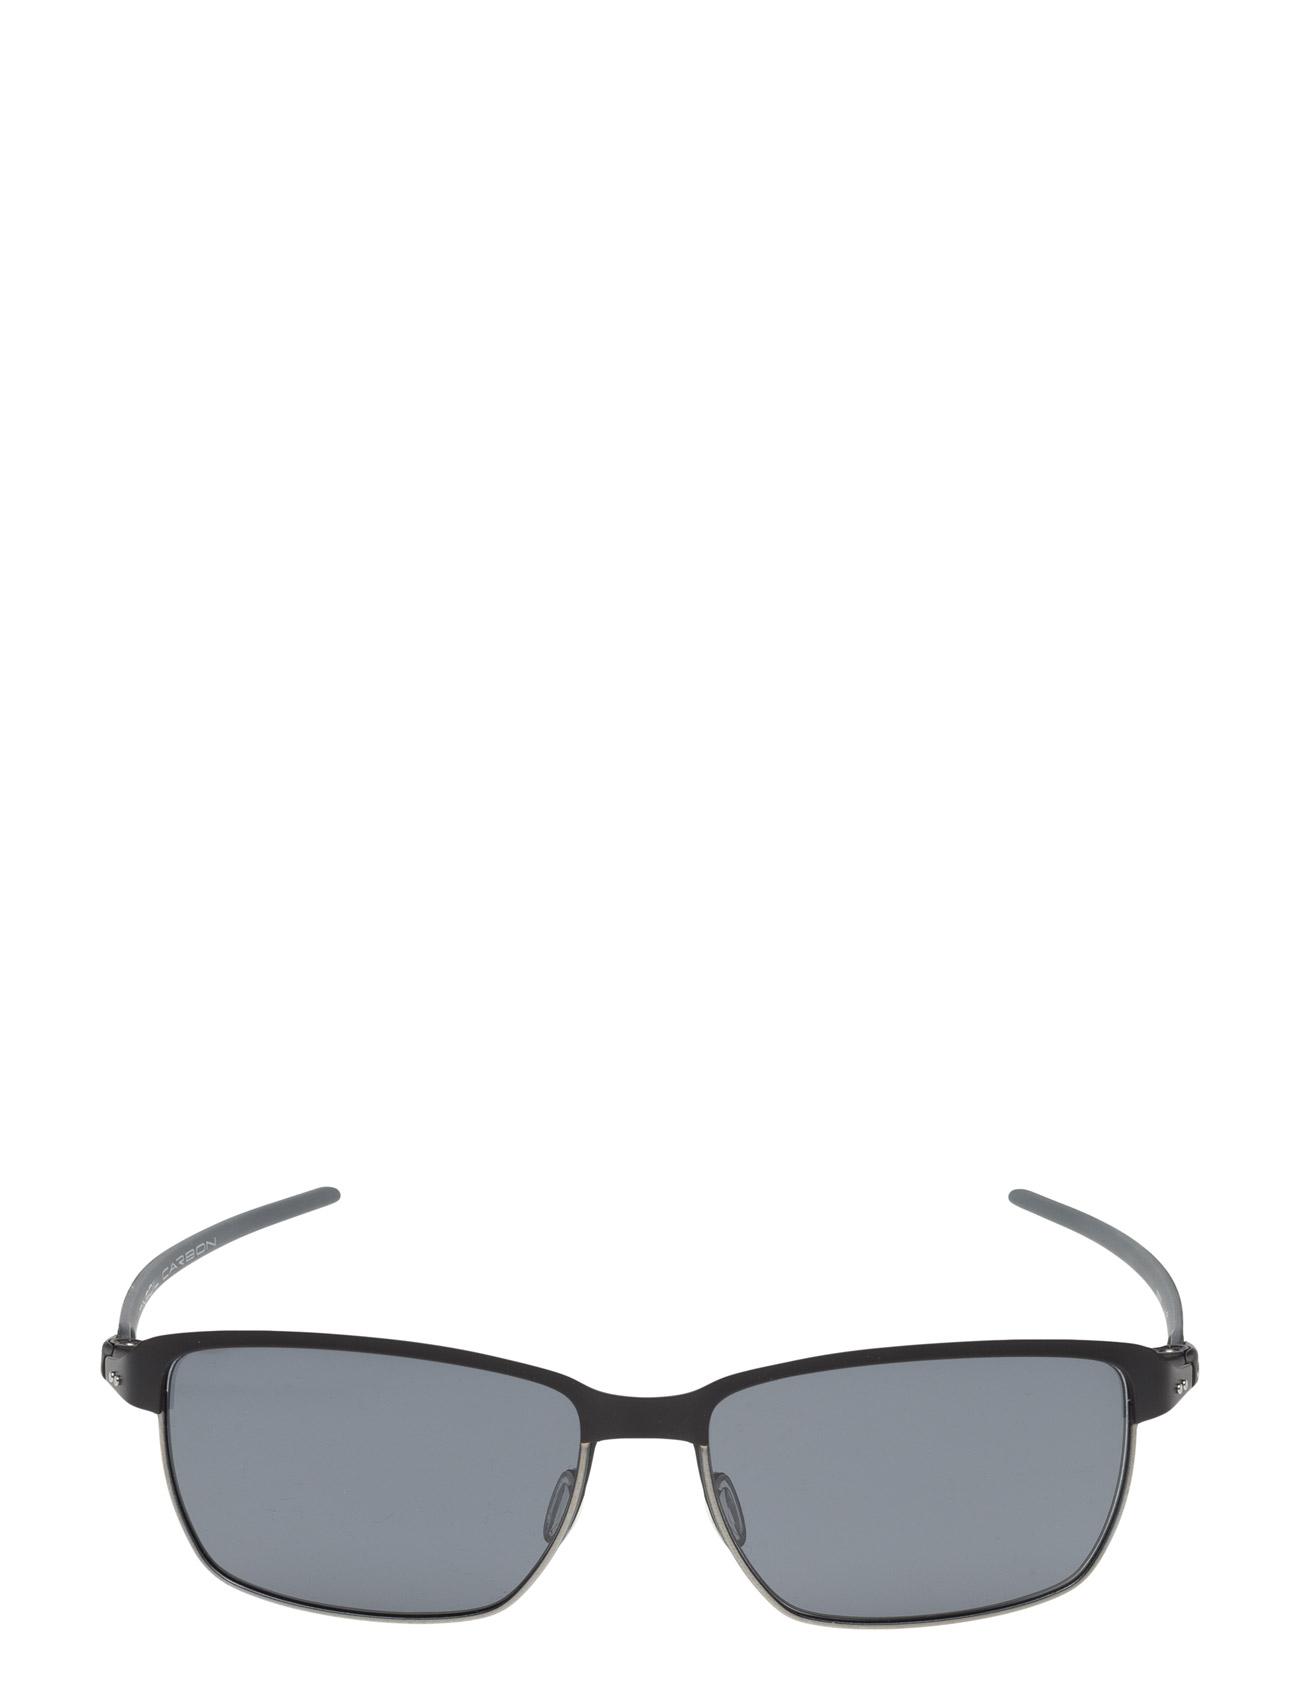 Tinfoil Carbon OAKLEY Solbriller til Mænd i Sølv